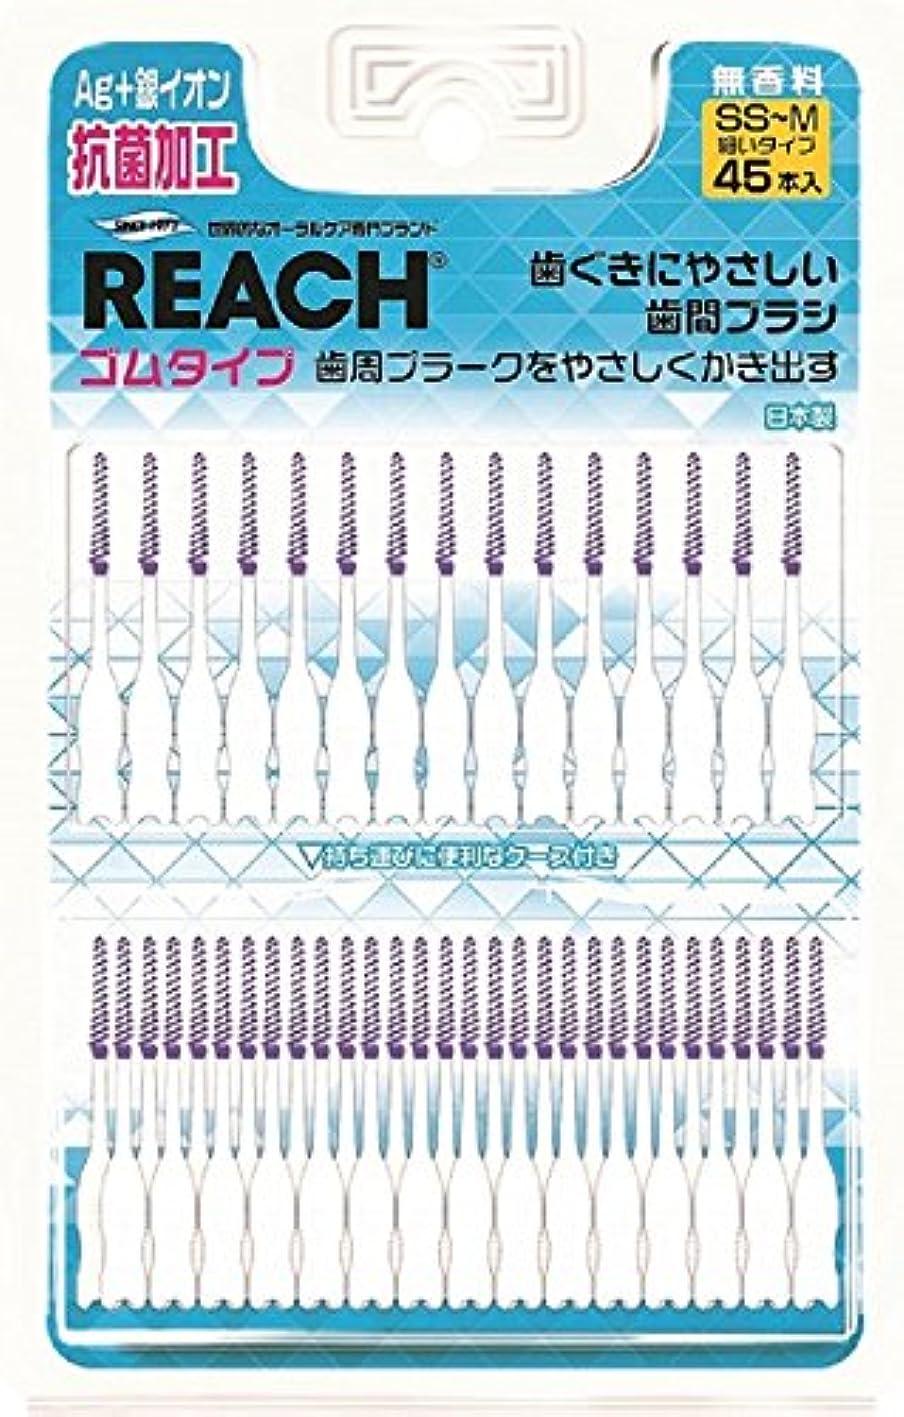 プラットフォーム気怠い有益リーチゴム歯間ブラシ 45個入り